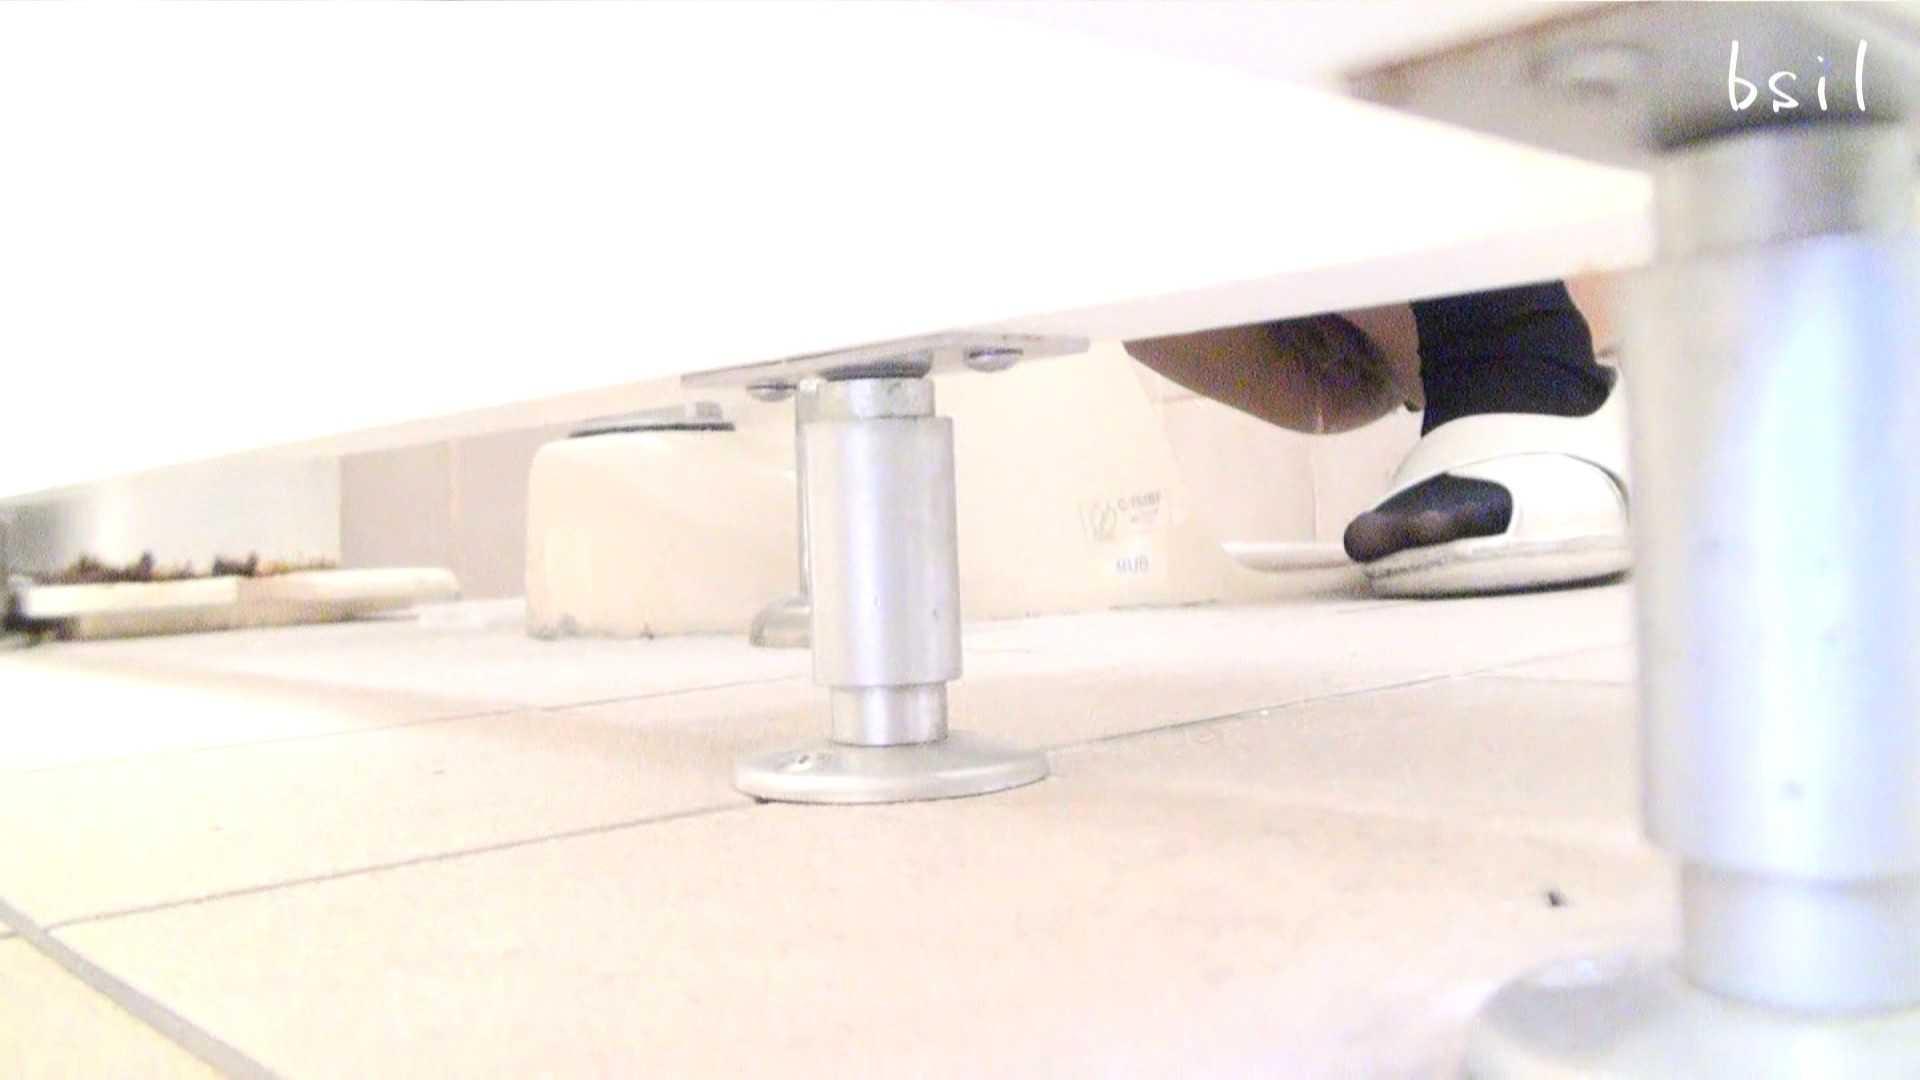 至高下半身盗撮-PREMIUM-【院内病棟編 】 vol.01 ぱっくり下半身 オメコ無修正動画無料 59画像 53